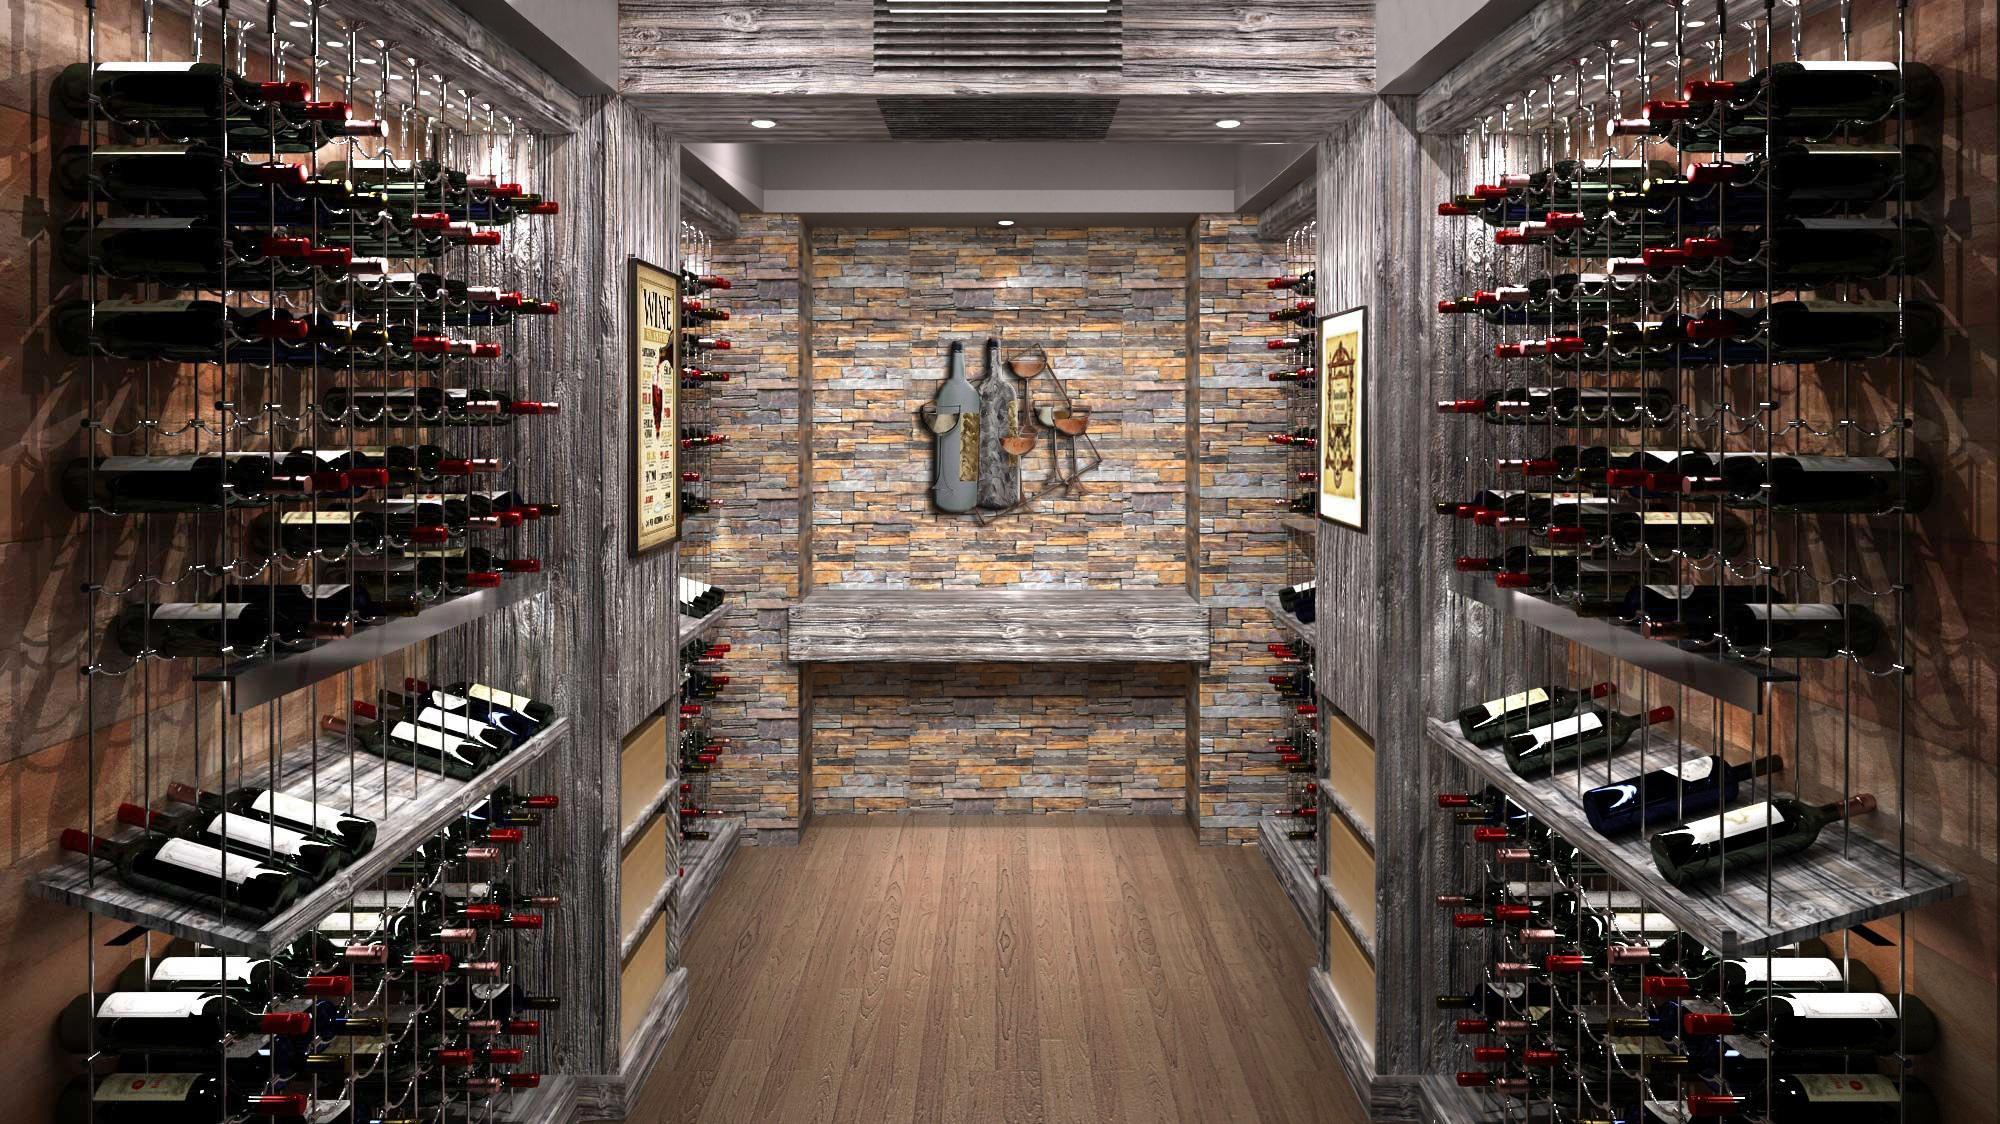 muk-wine-cellar-1-render-1.jpg